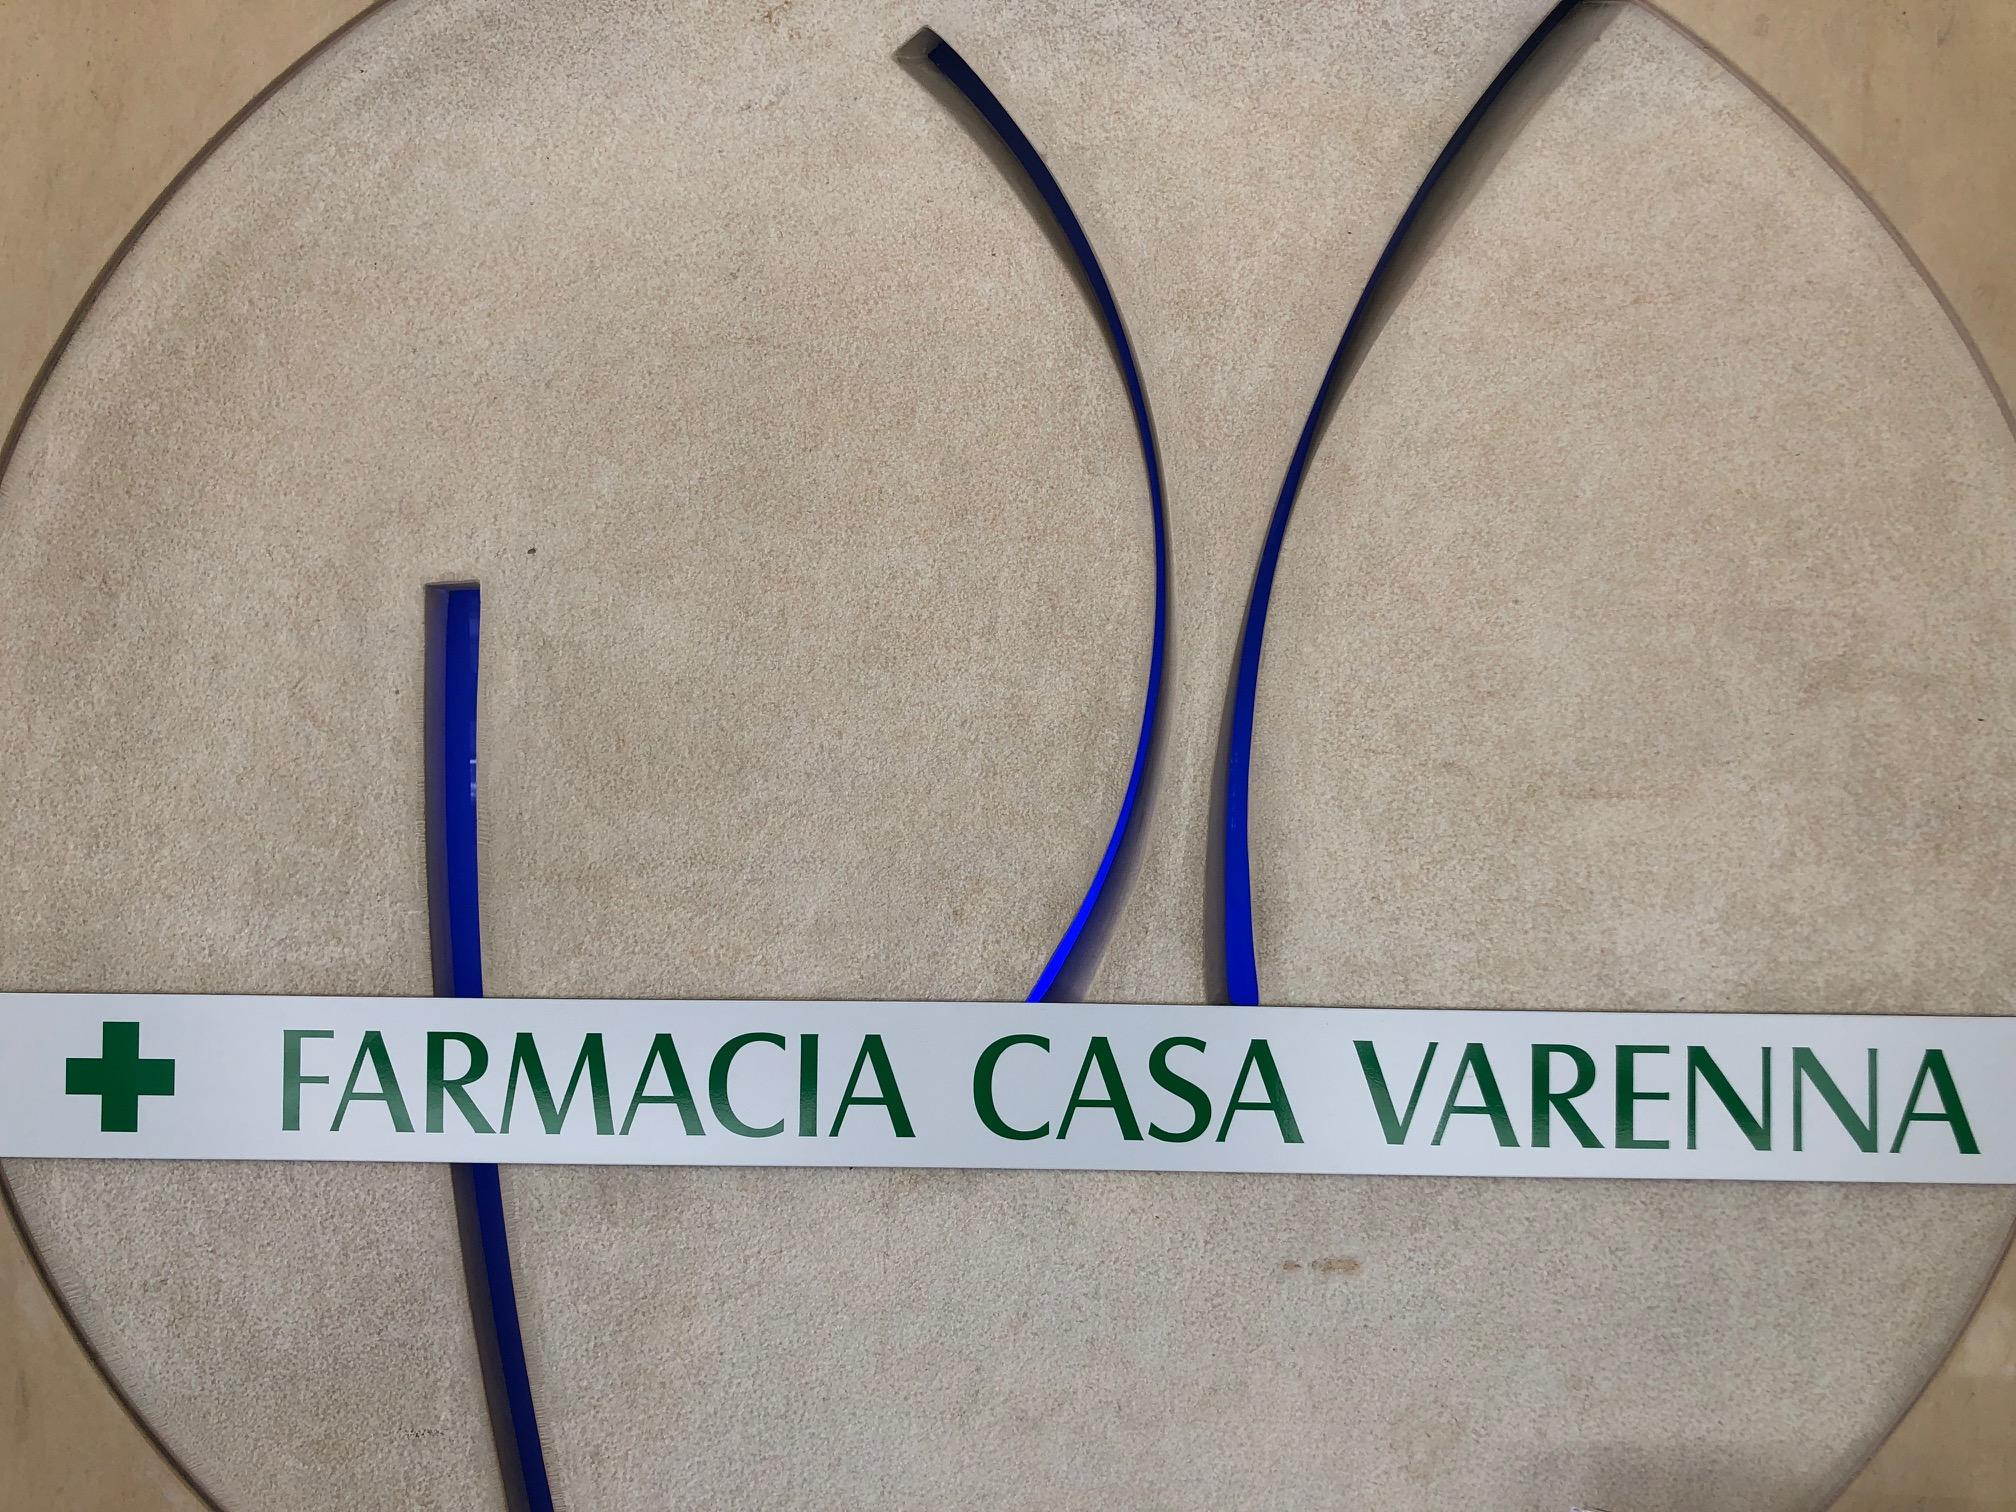 Farmacia Casa Varenna SA